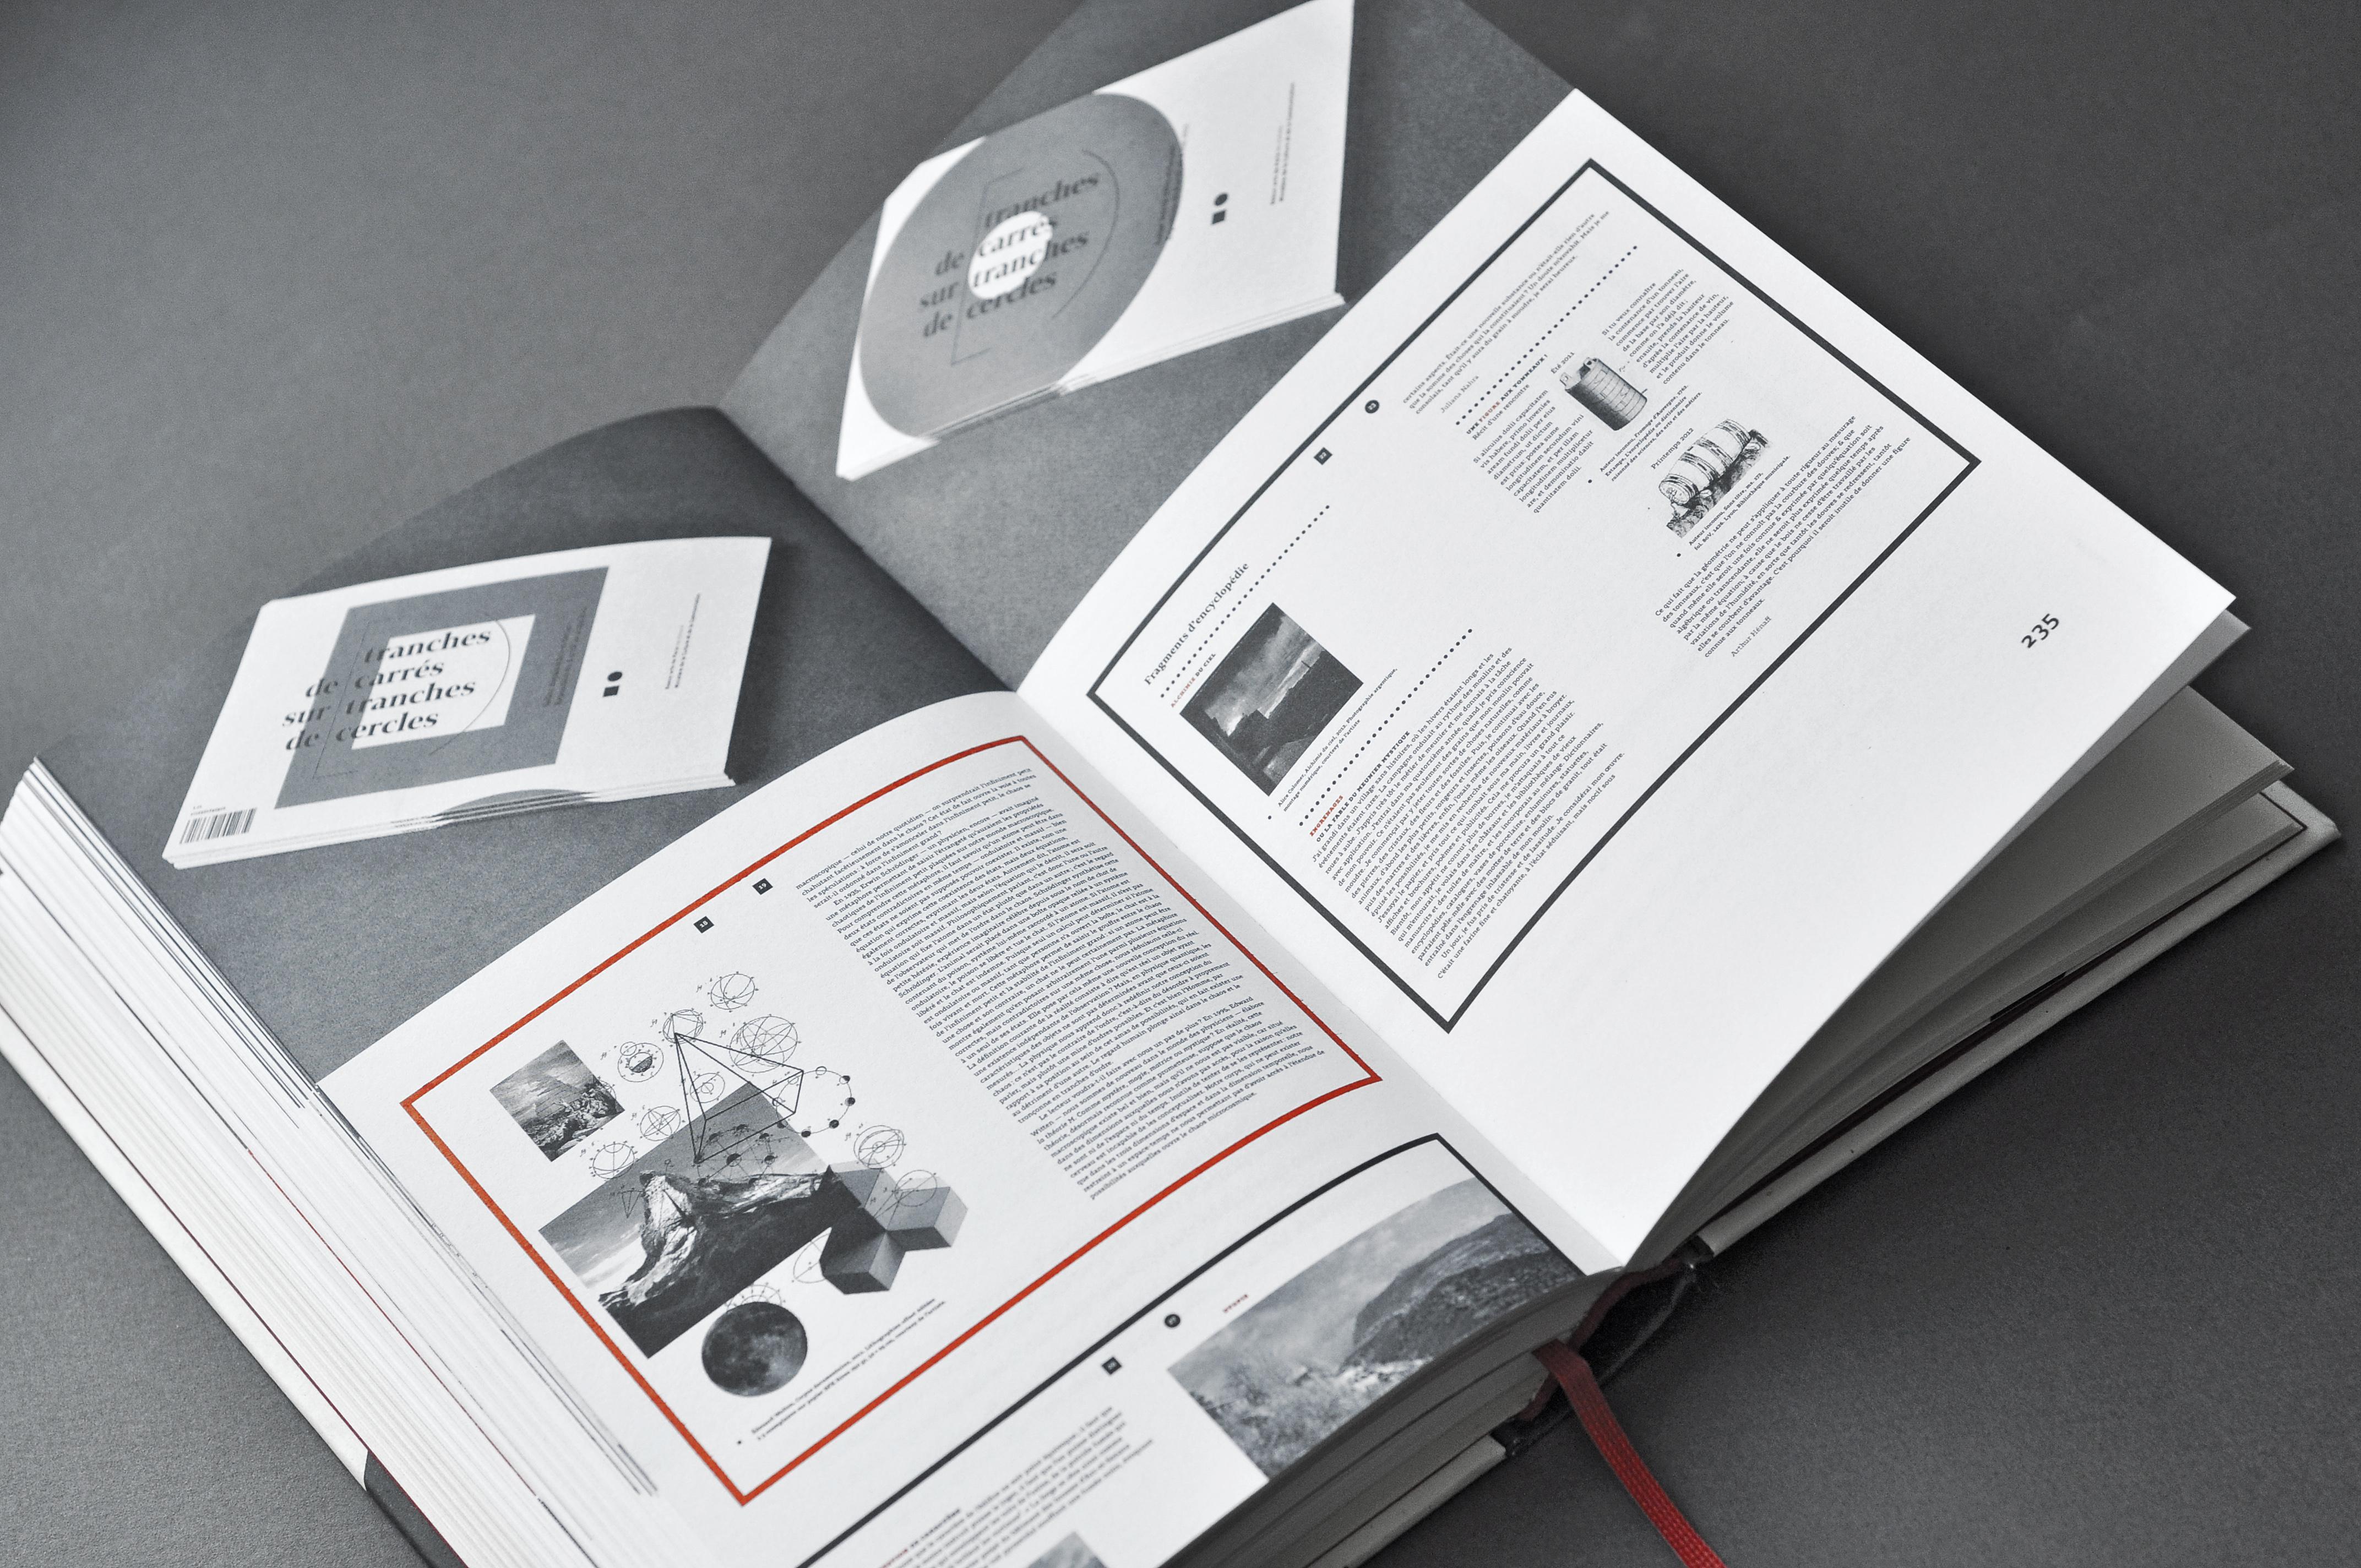 knihy-a-typografie_009